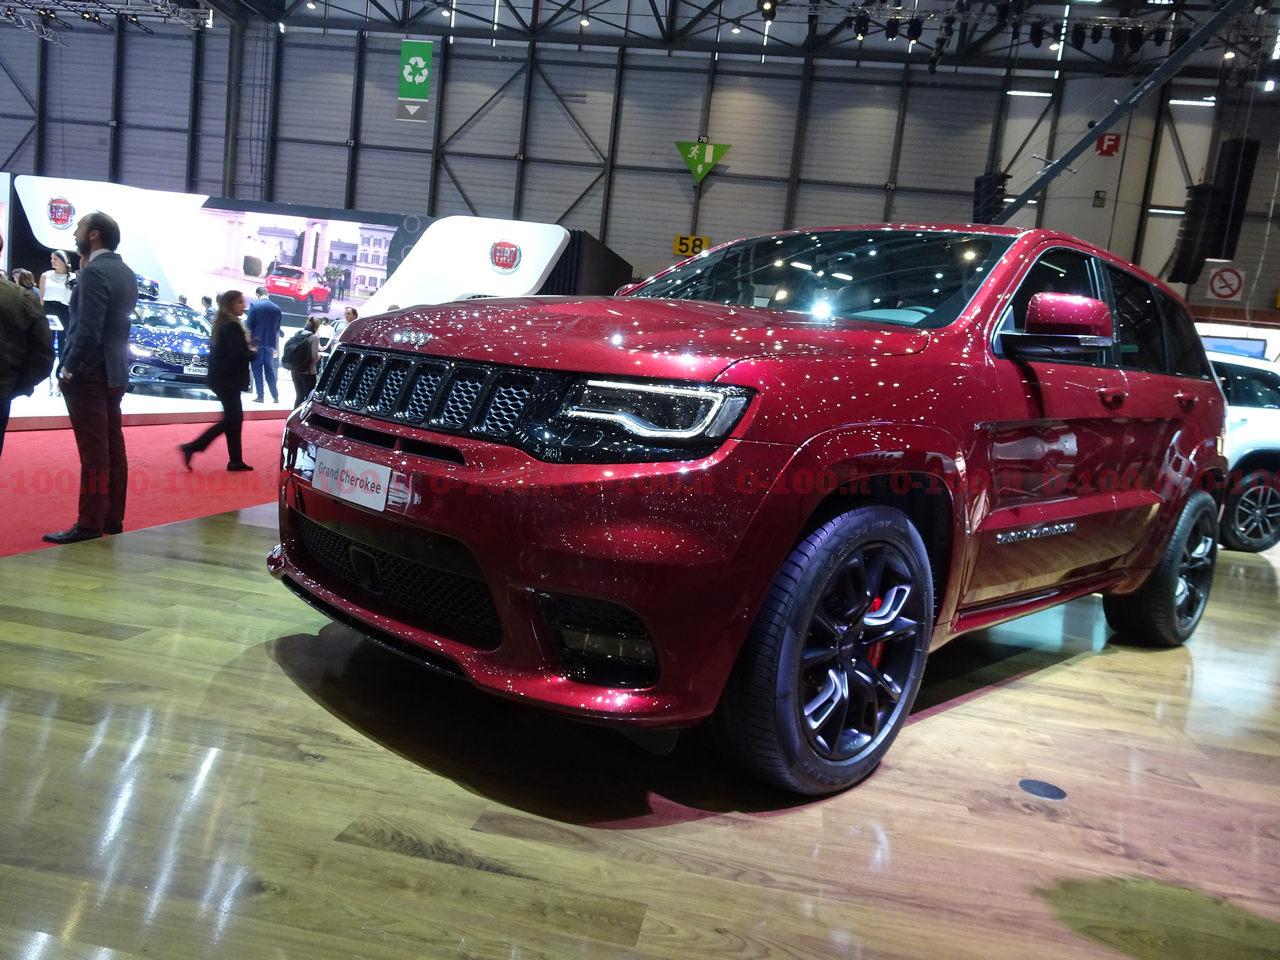 ginevra-geneva-geneve-2017_jeep-0-100_15